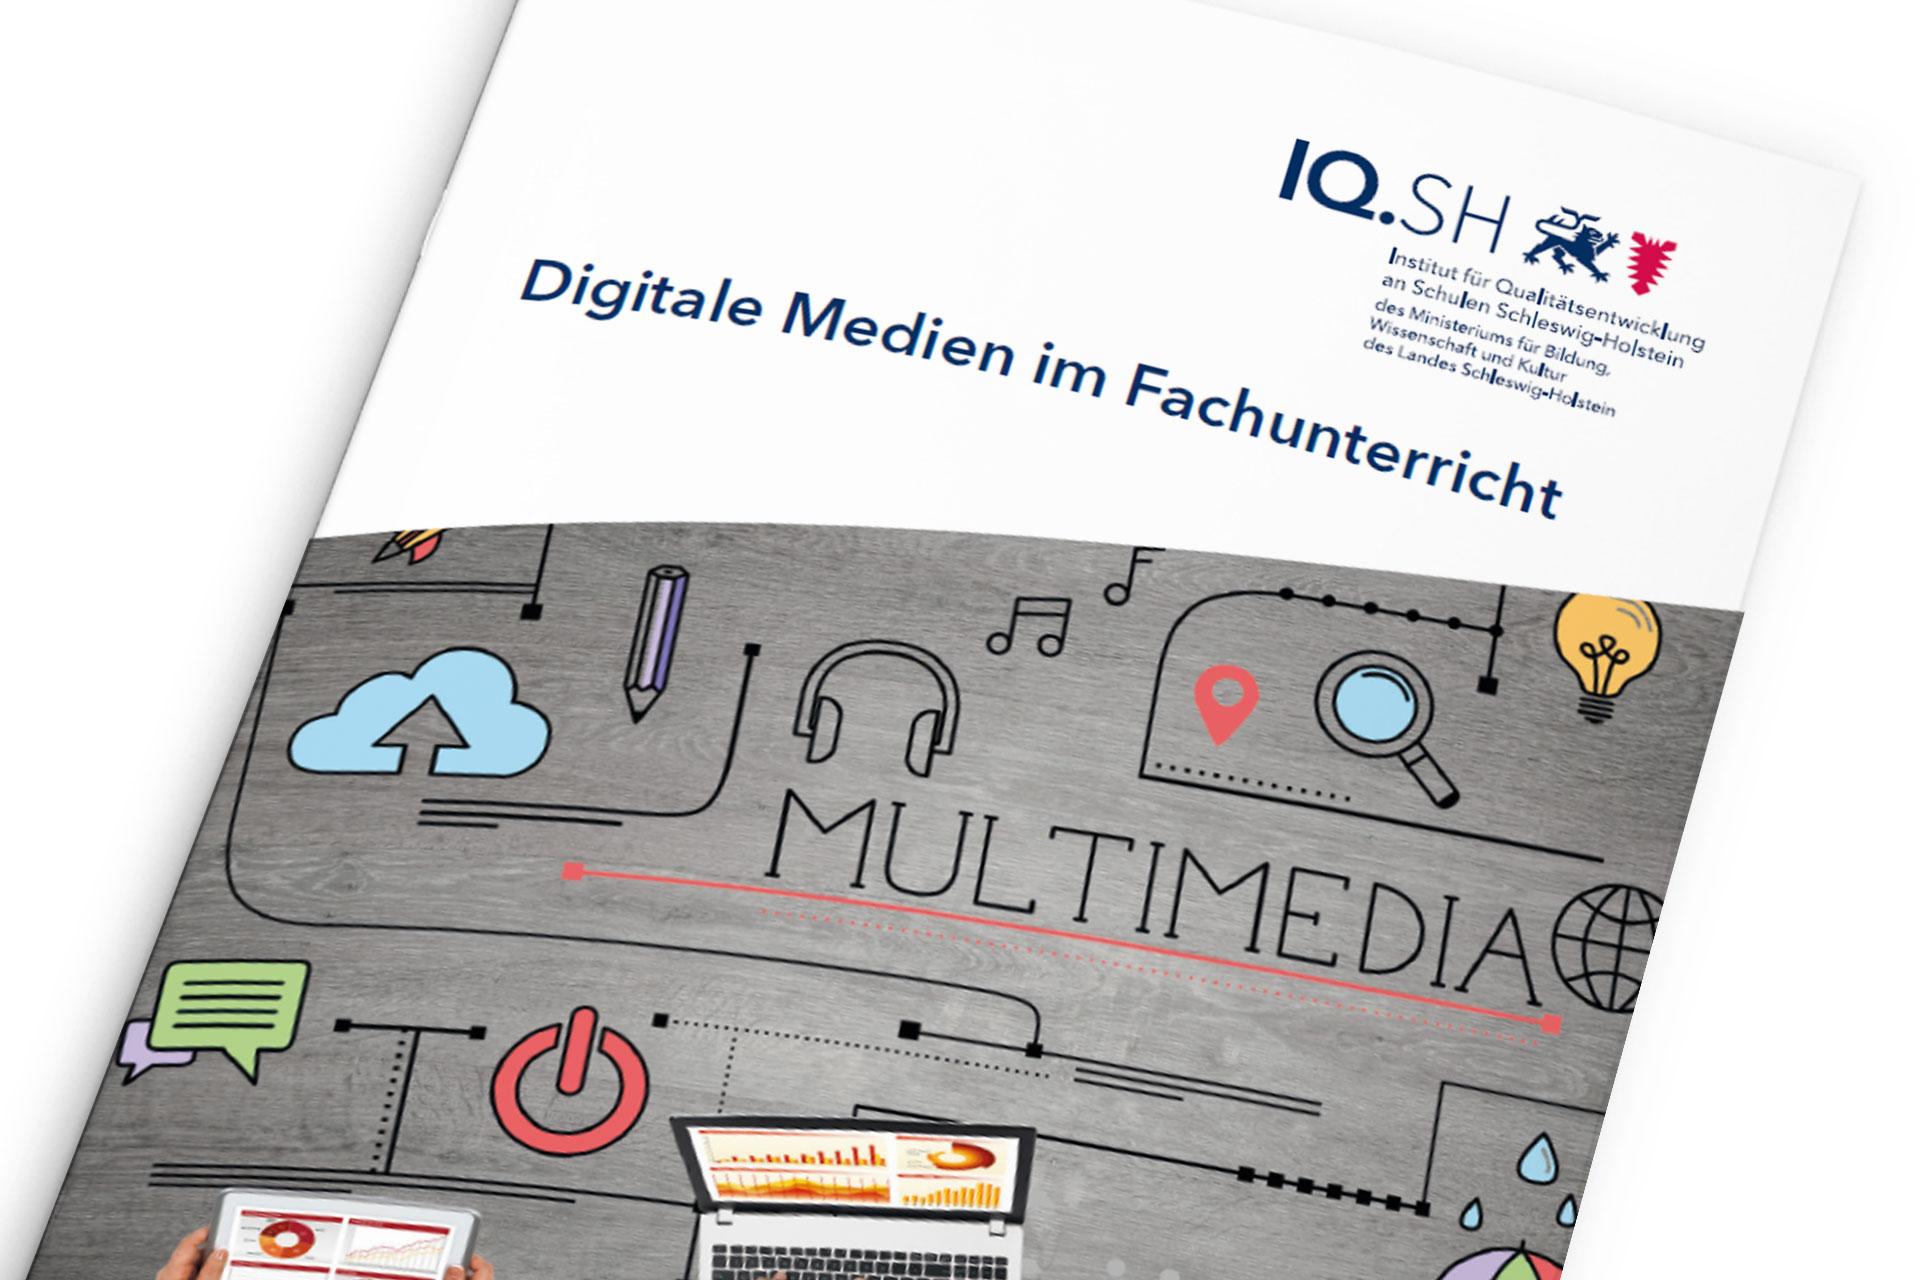 Titelseite Broschüre Digitale Medien im Fachunterricht von IQ.SH